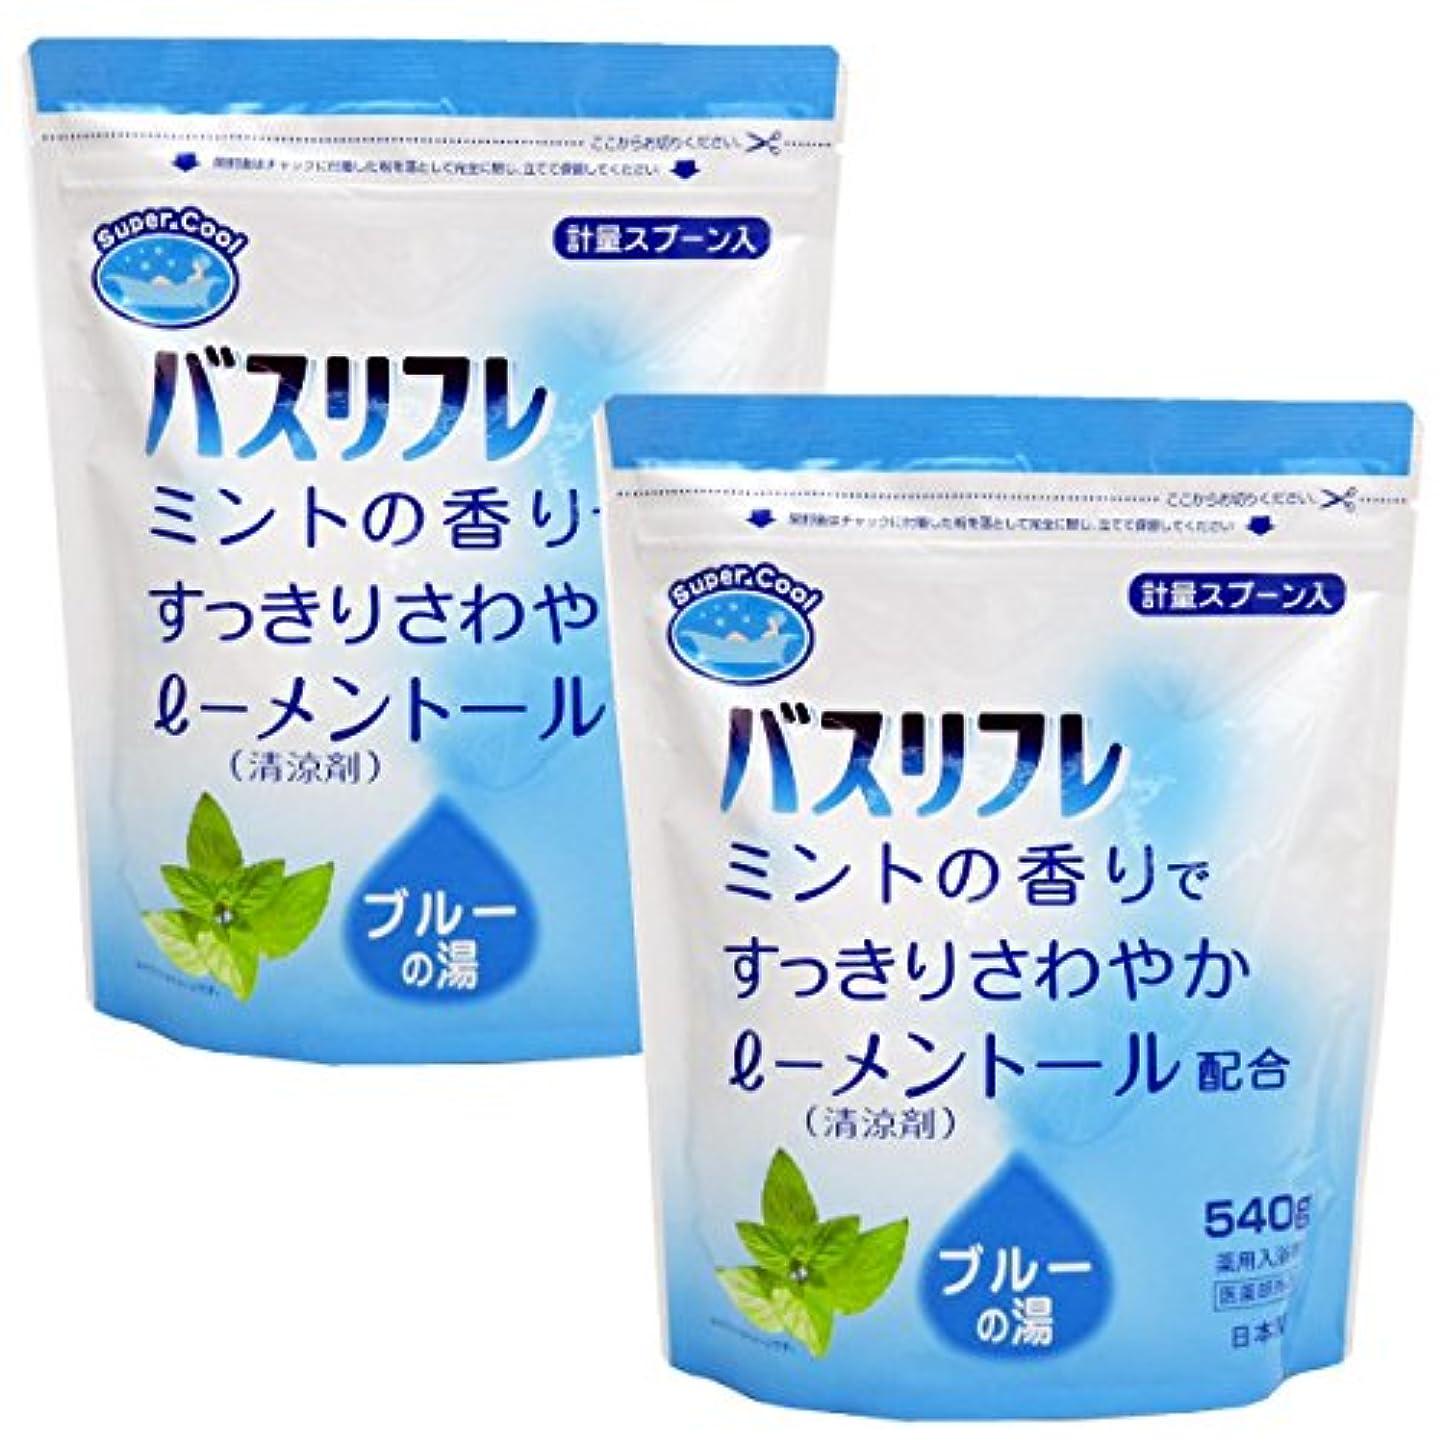 真実に人食事入浴剤 クール 薬用入浴剤 バスリフレ スーパークール540g×2個セット 日本製